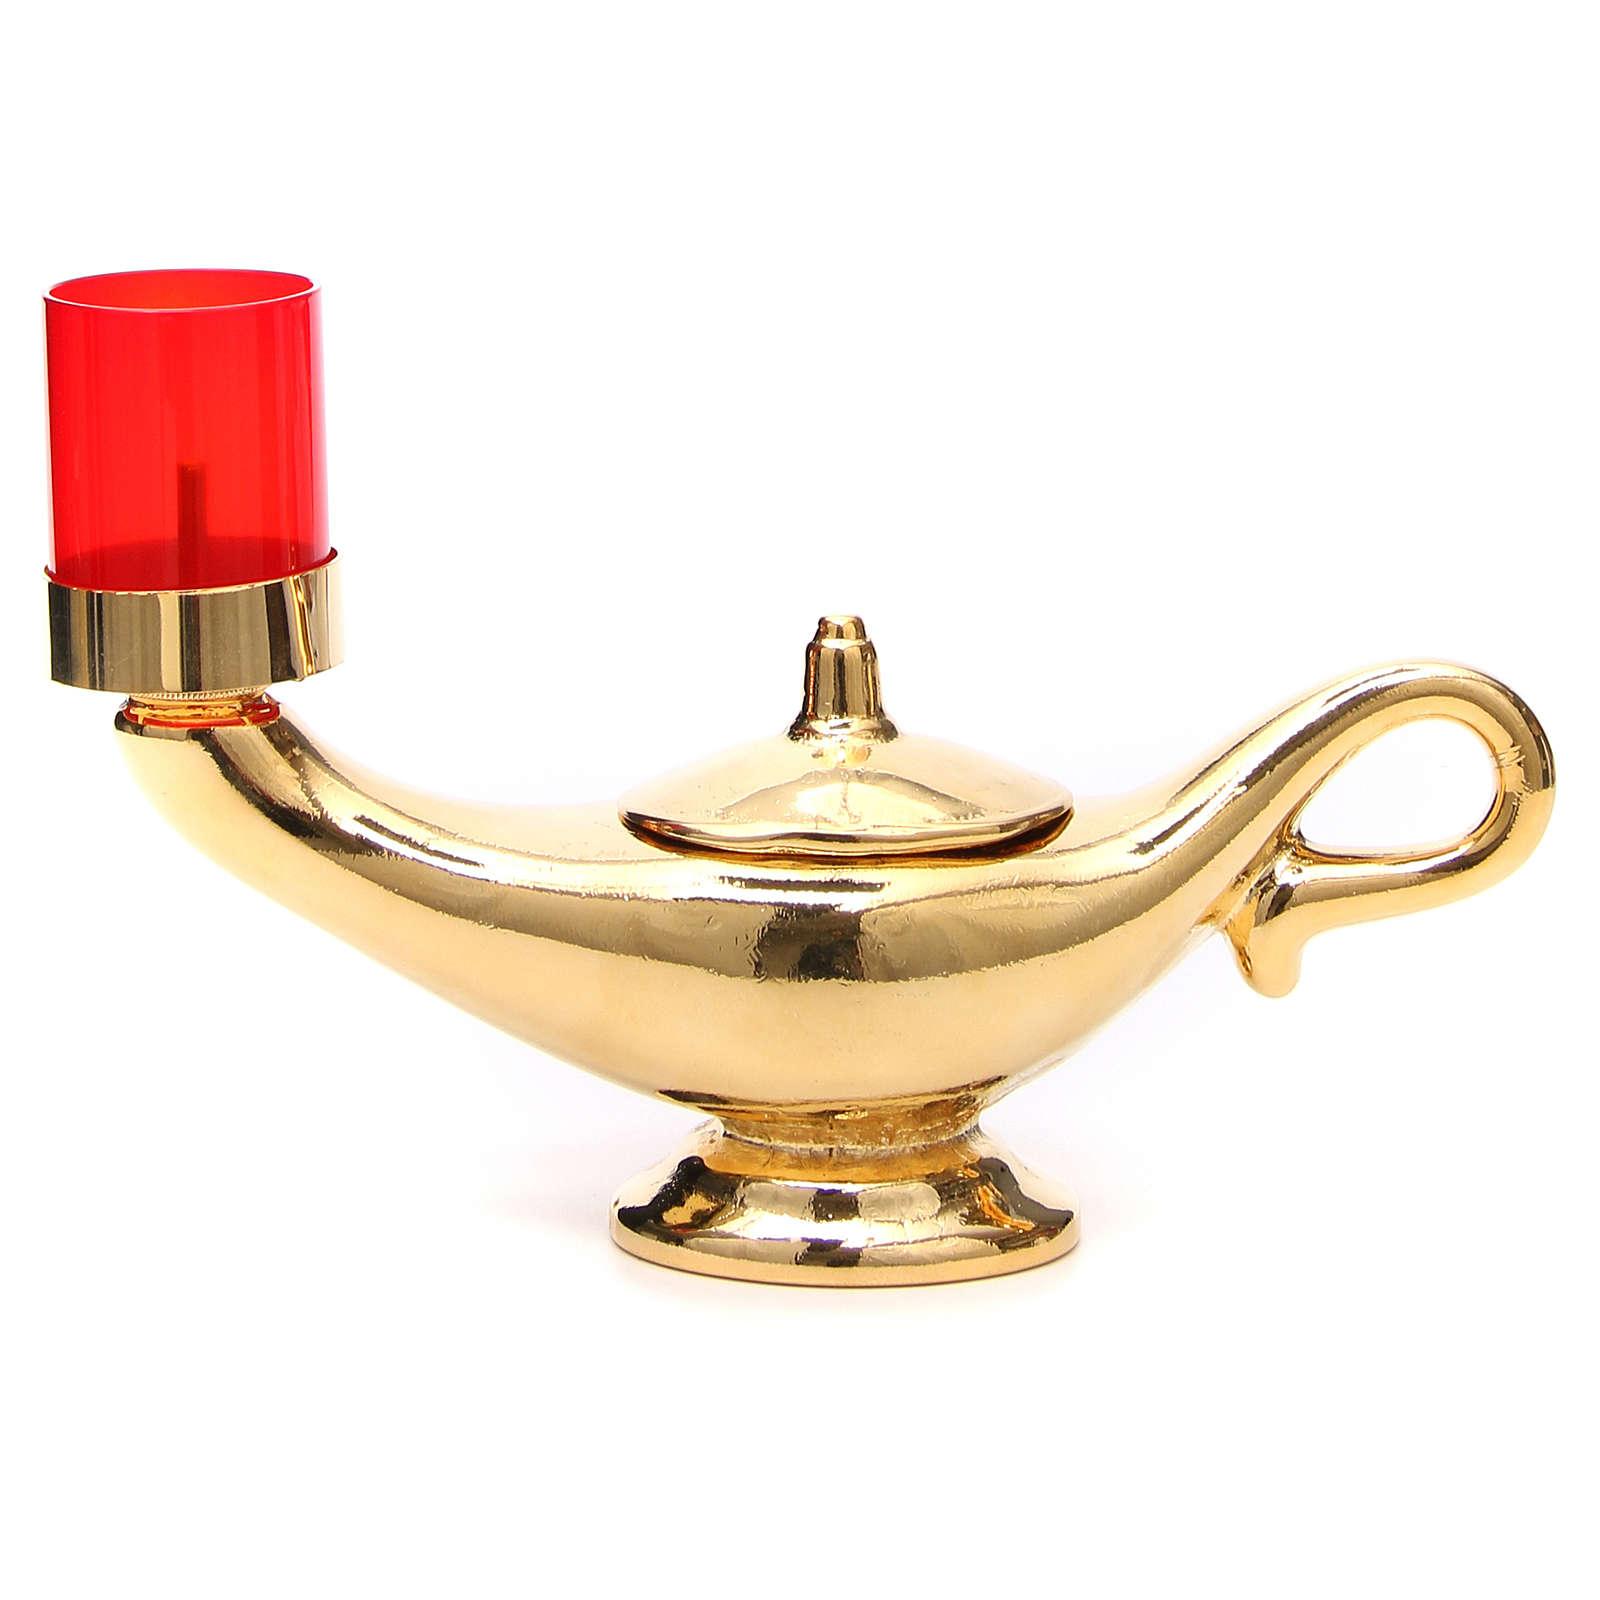 STOCK Lampada Aladino dorata con lume rosso 3